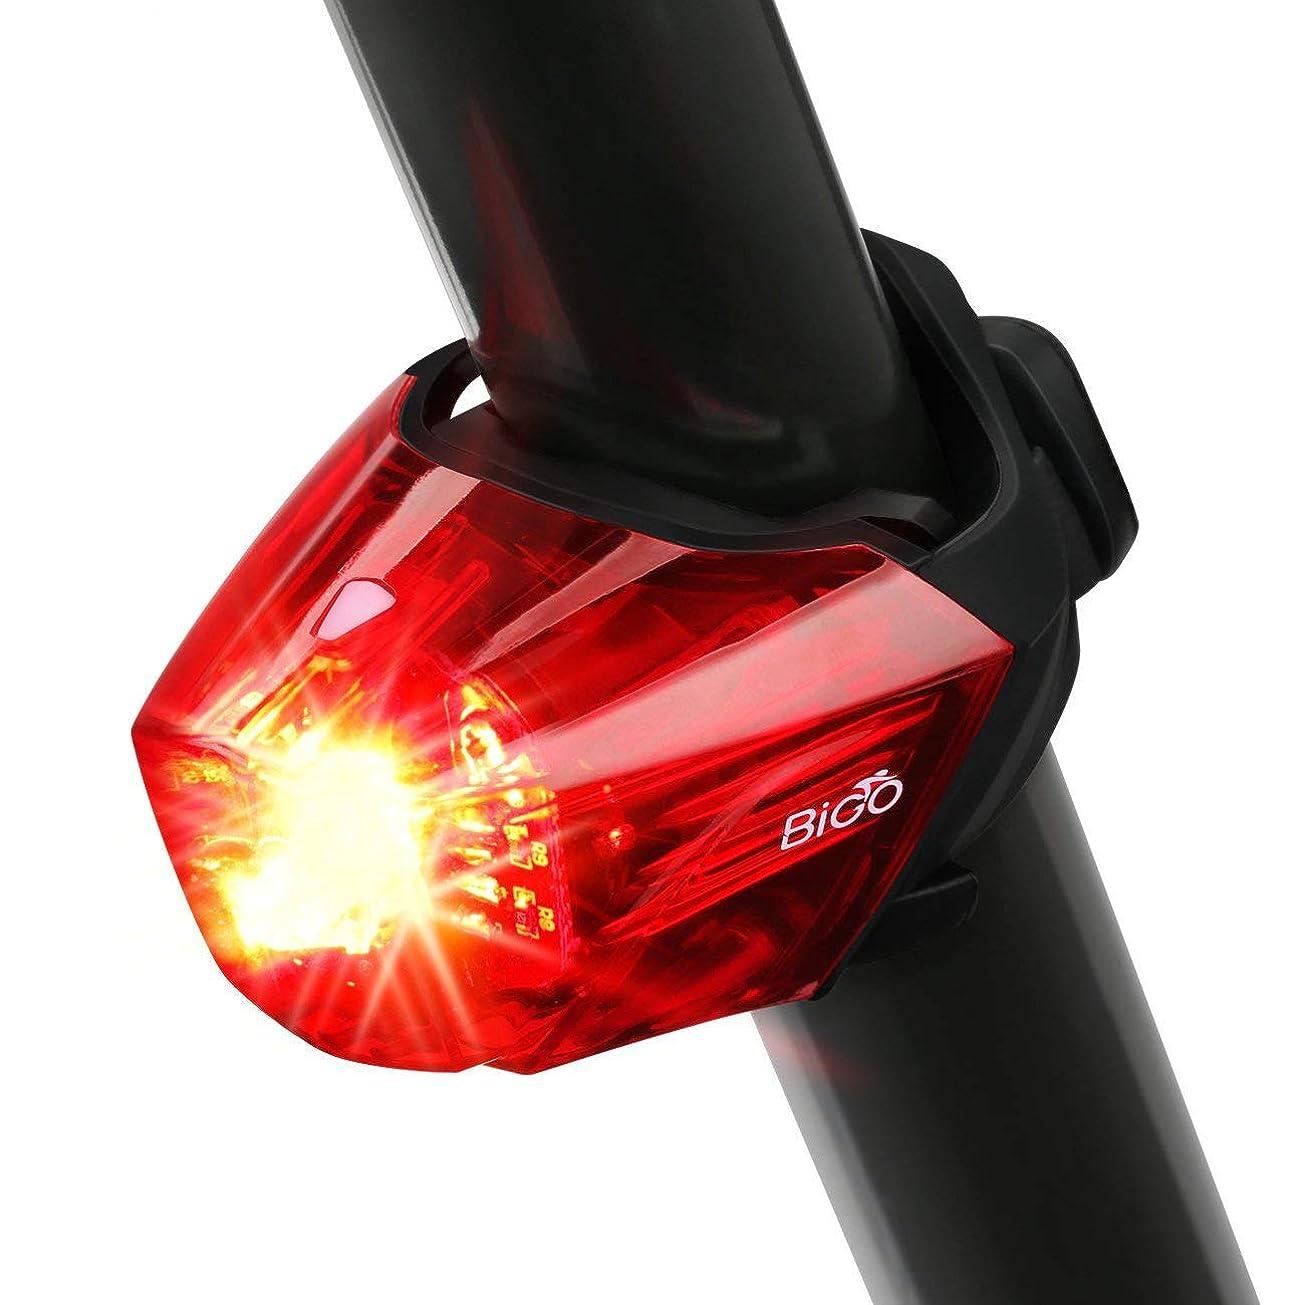 モノグラフ衝突コース記憶BIGO テールライト 自転車 リアライト USB充電式 セーフティーライト 超高輝度 IPX4防水 自転車用 led持続点灯 ライト